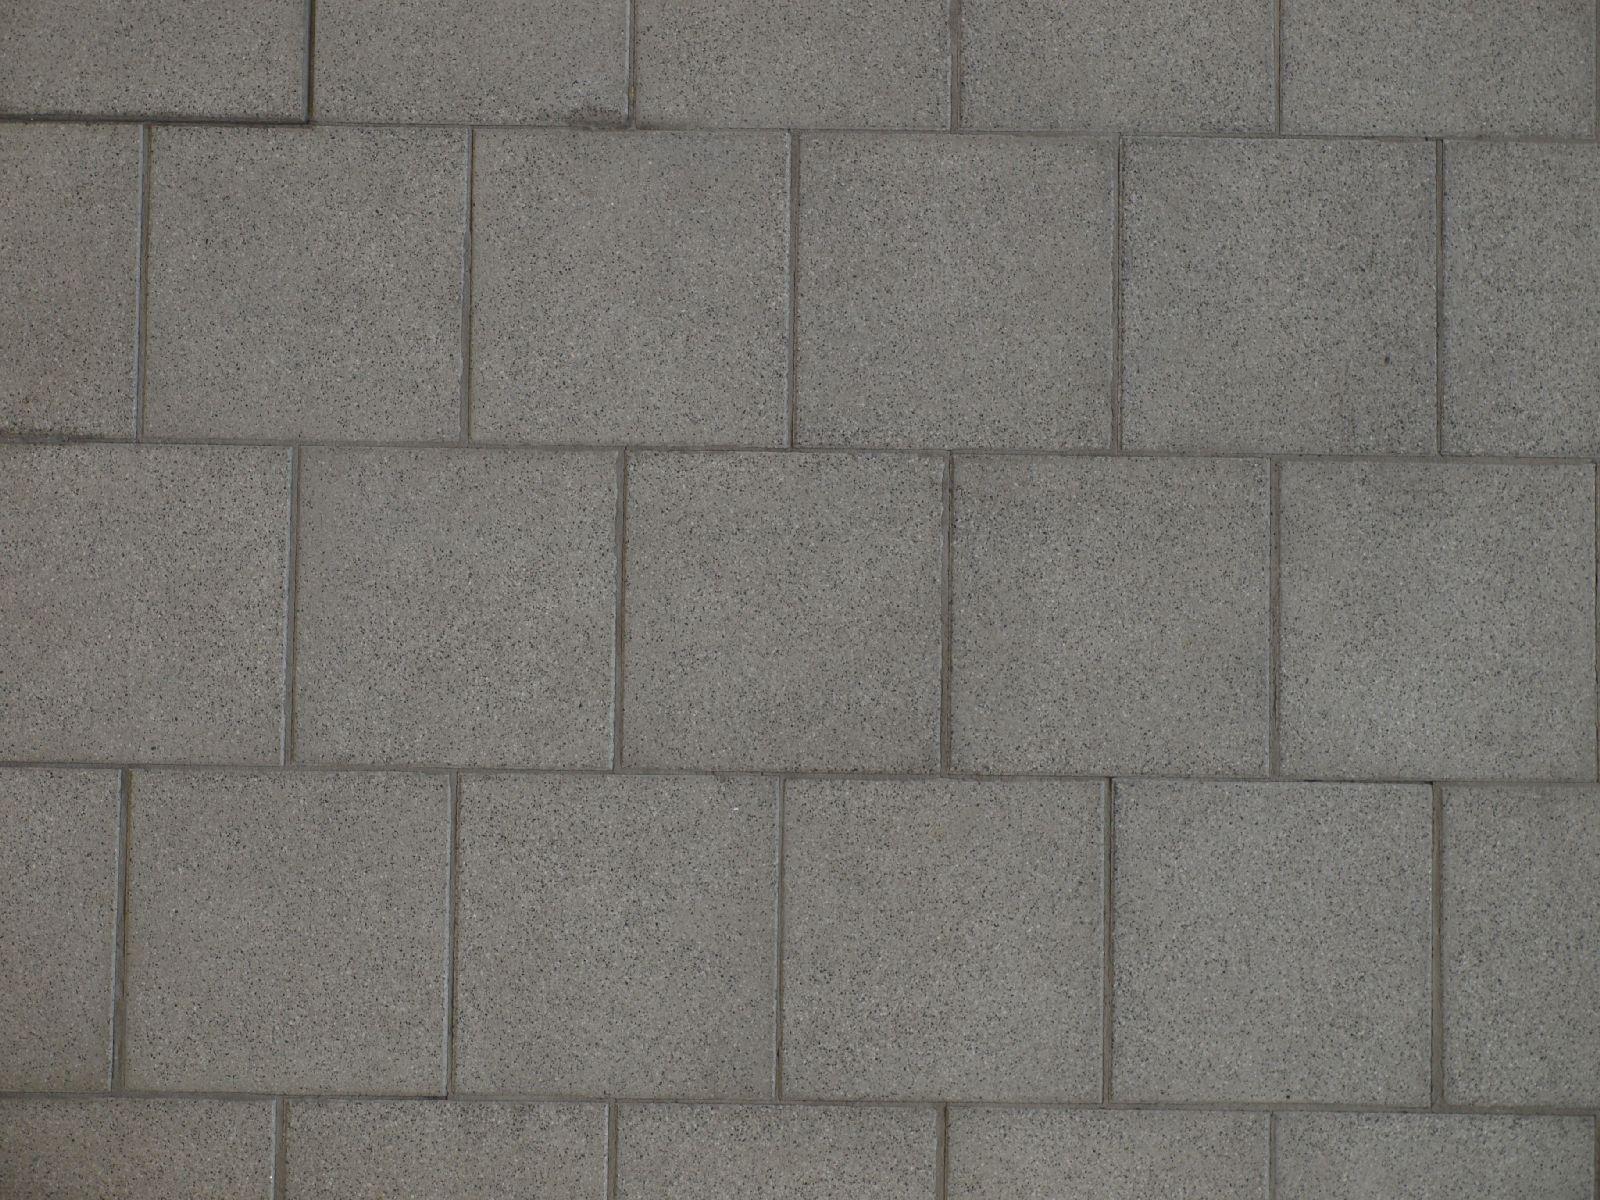 Ground-Urban_Texture_A_P6046641